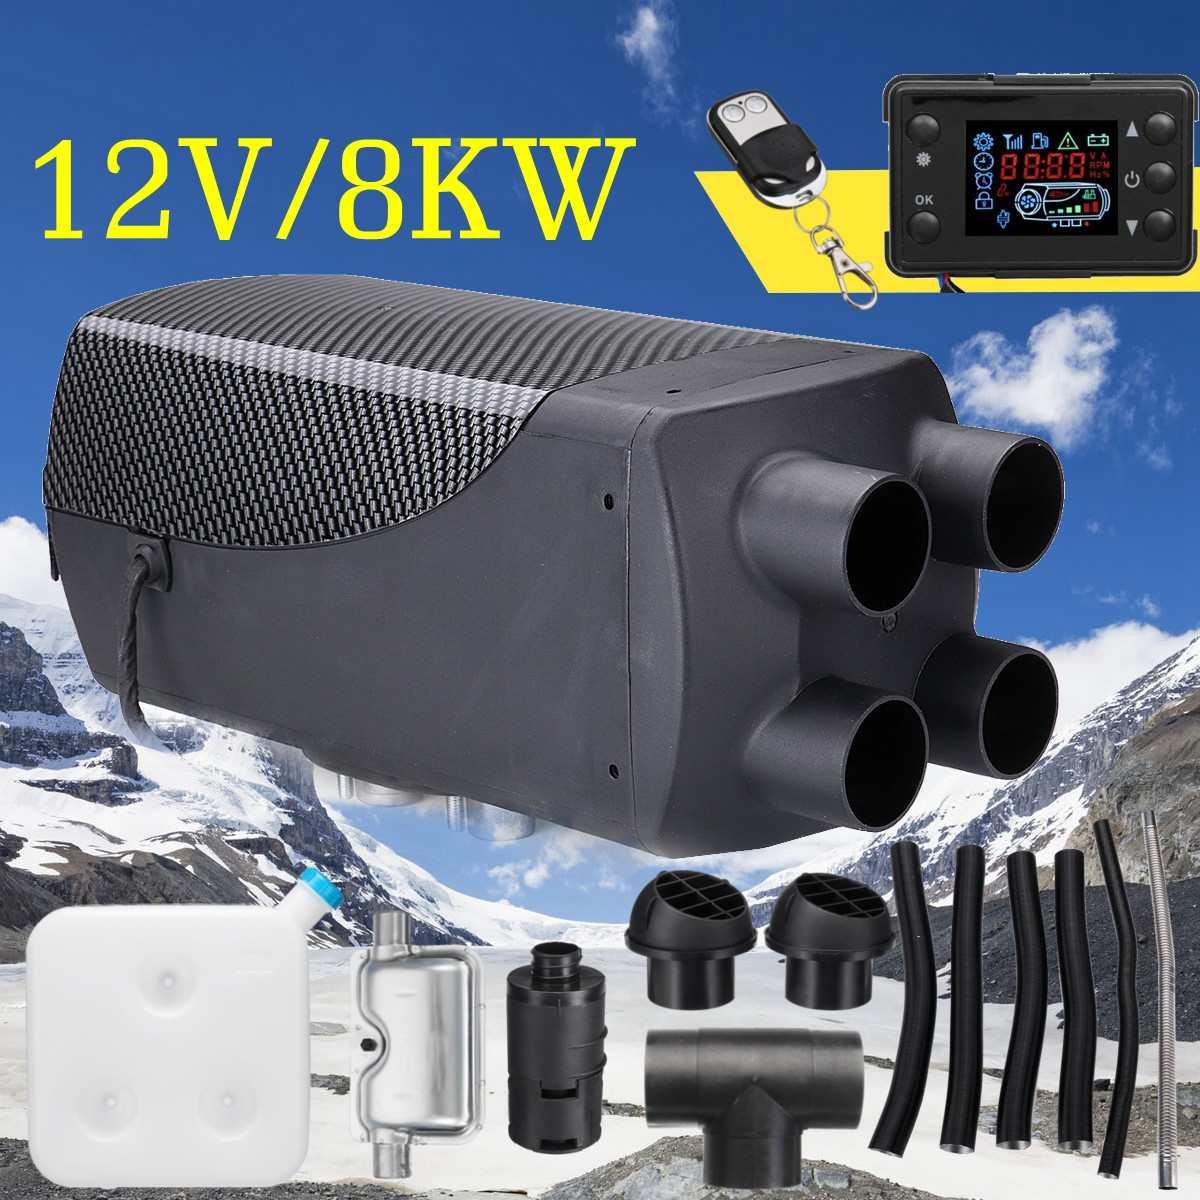 Chauffage de voiture 12 V 8KW stationnement Air Diesels chauffage LCD moniteur 4 trous avec télécommande + silencieux pour camping-Car RV camions Bus bateau